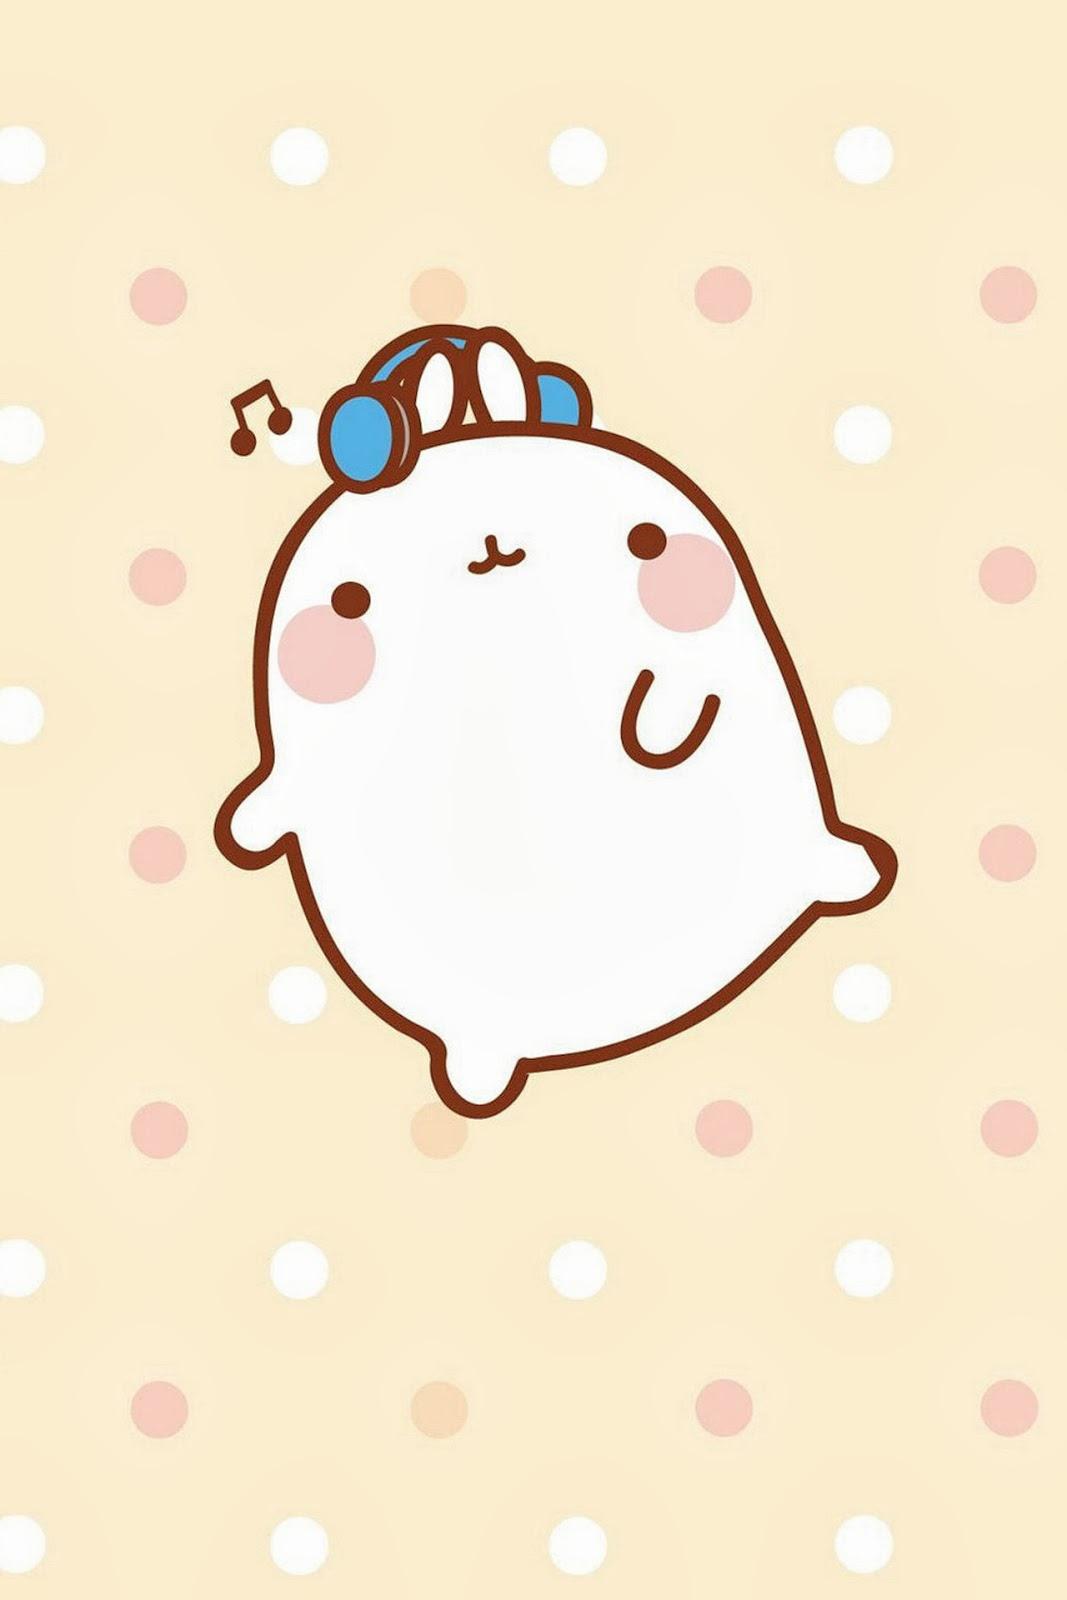 Gravity Falls Iphone Wallpaper Asian Dreams ♡ Kawaii Wallpapers For Ur Phone Kawaii